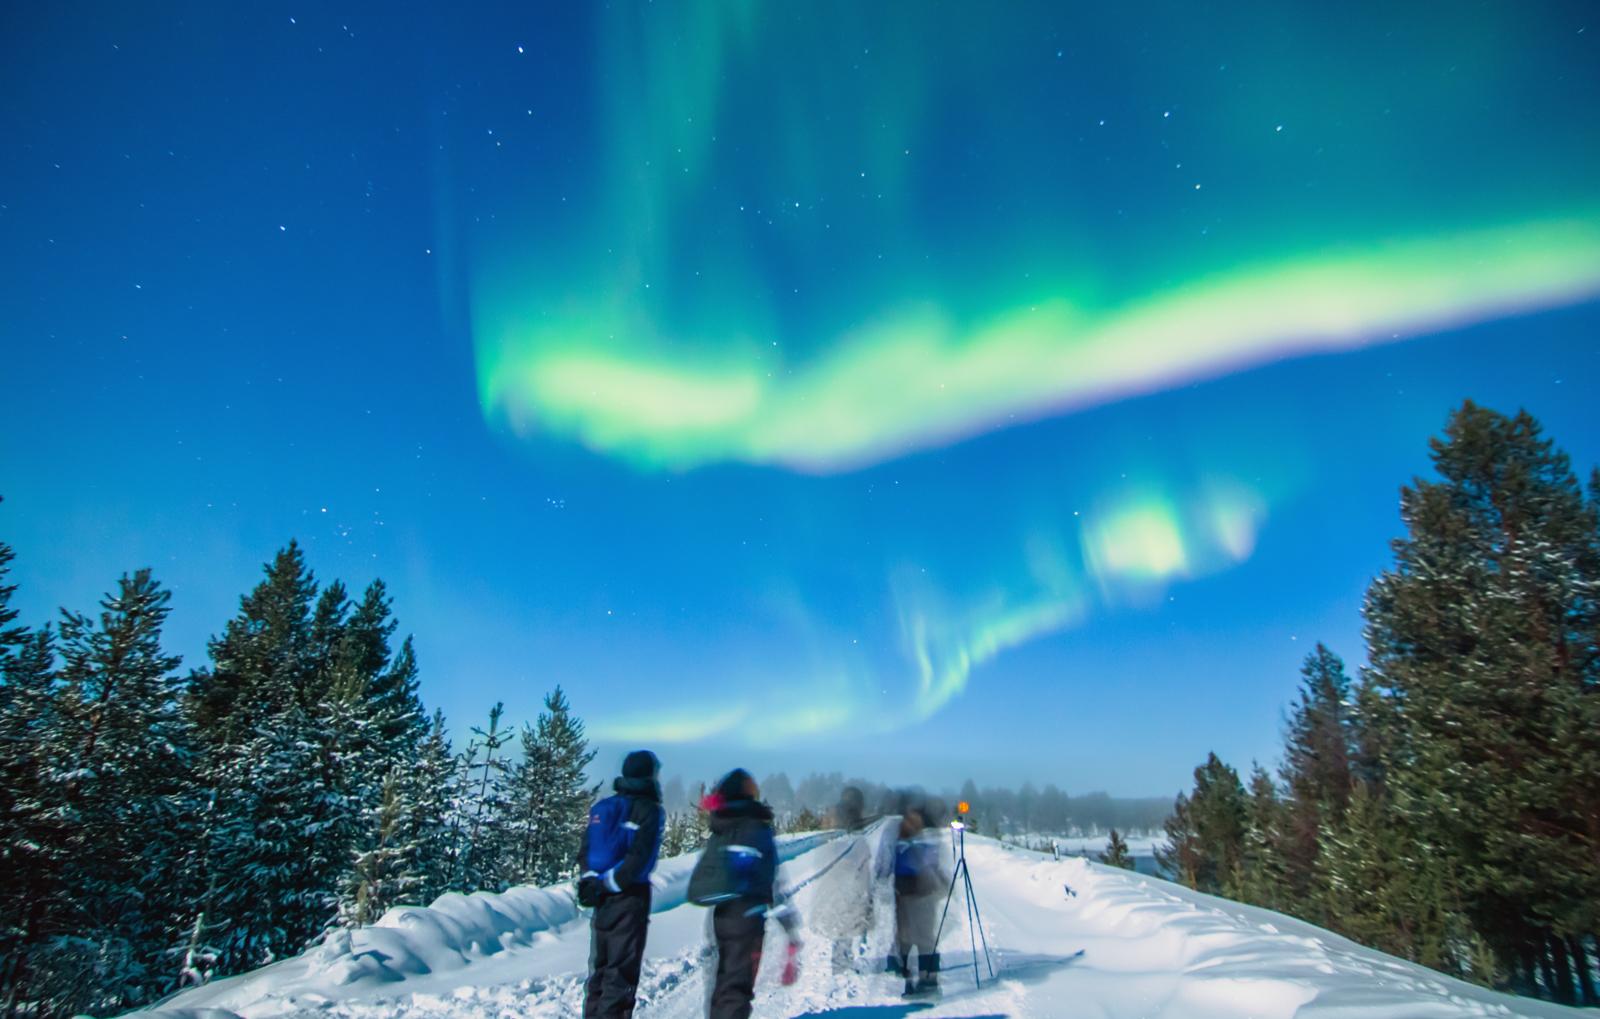 kurzurlaub-nordlichter-suche-lappland-bg6